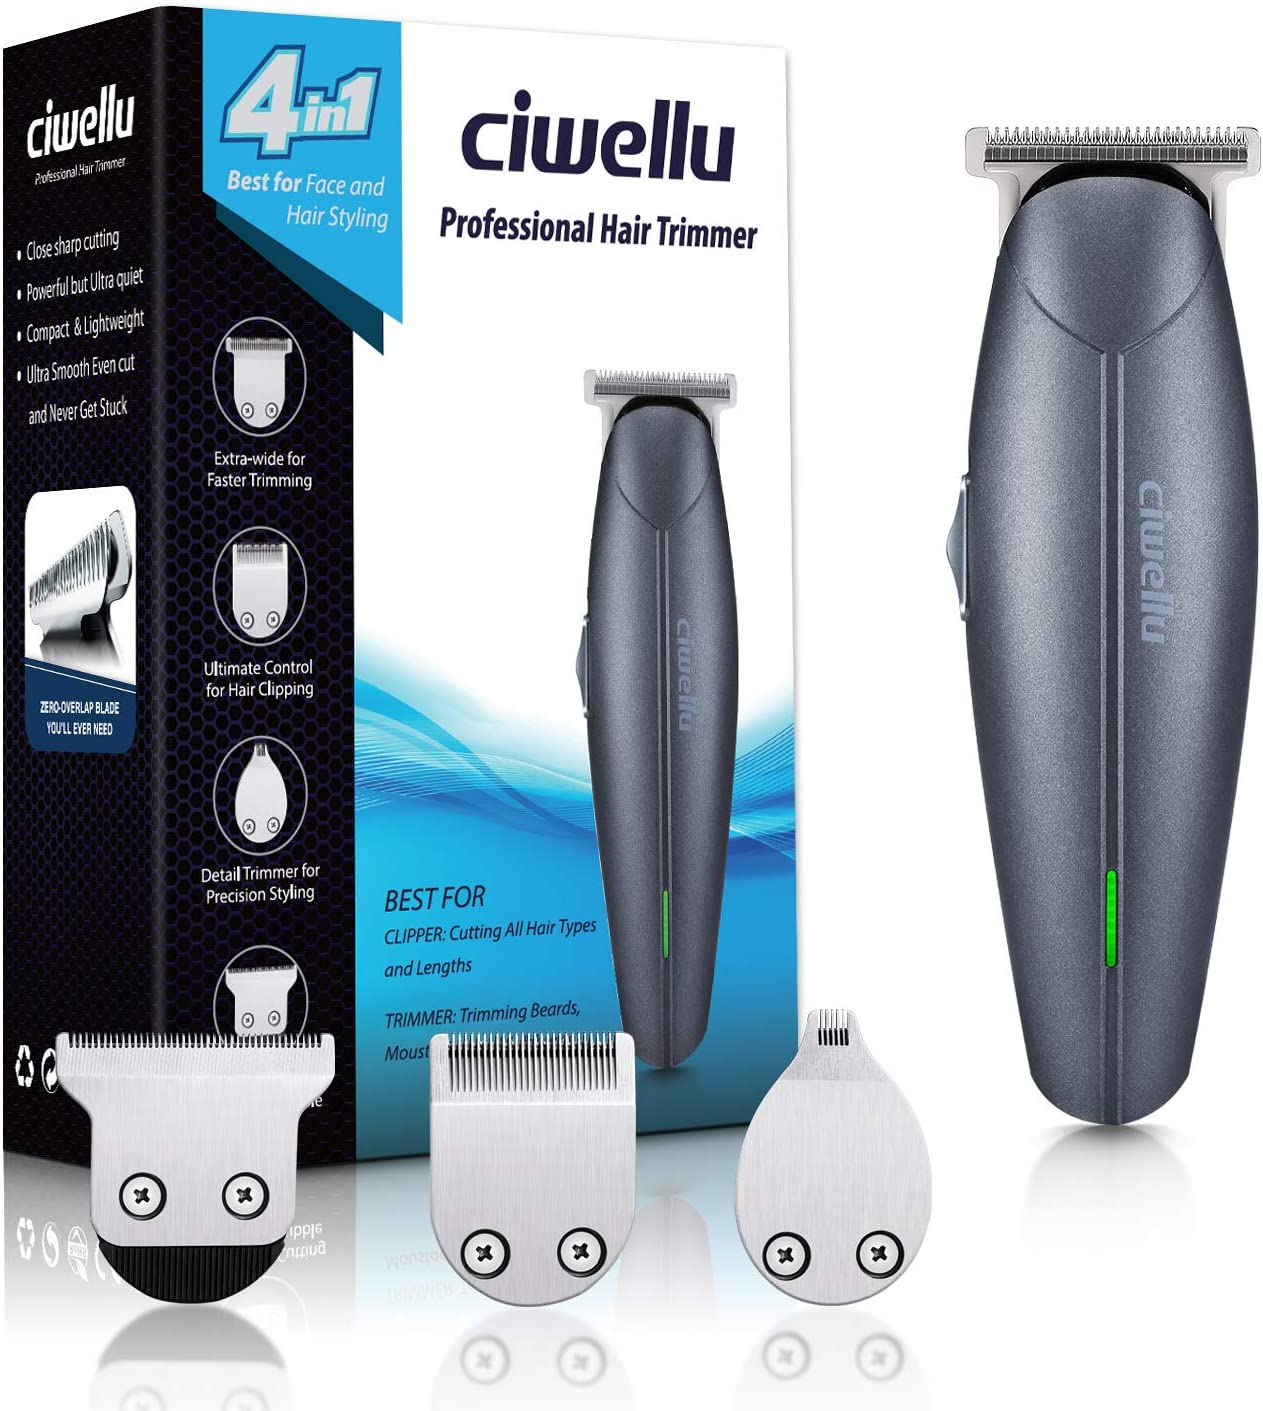 Cortapelos inalámbrico para barba Ciwellu 4 en 1, kit de cuidado corporal para hombre recargable, recortador de bigote con 7 ajustes de longitud, peines alimentados por litio: Amazon.es: Salud y cuidado personal